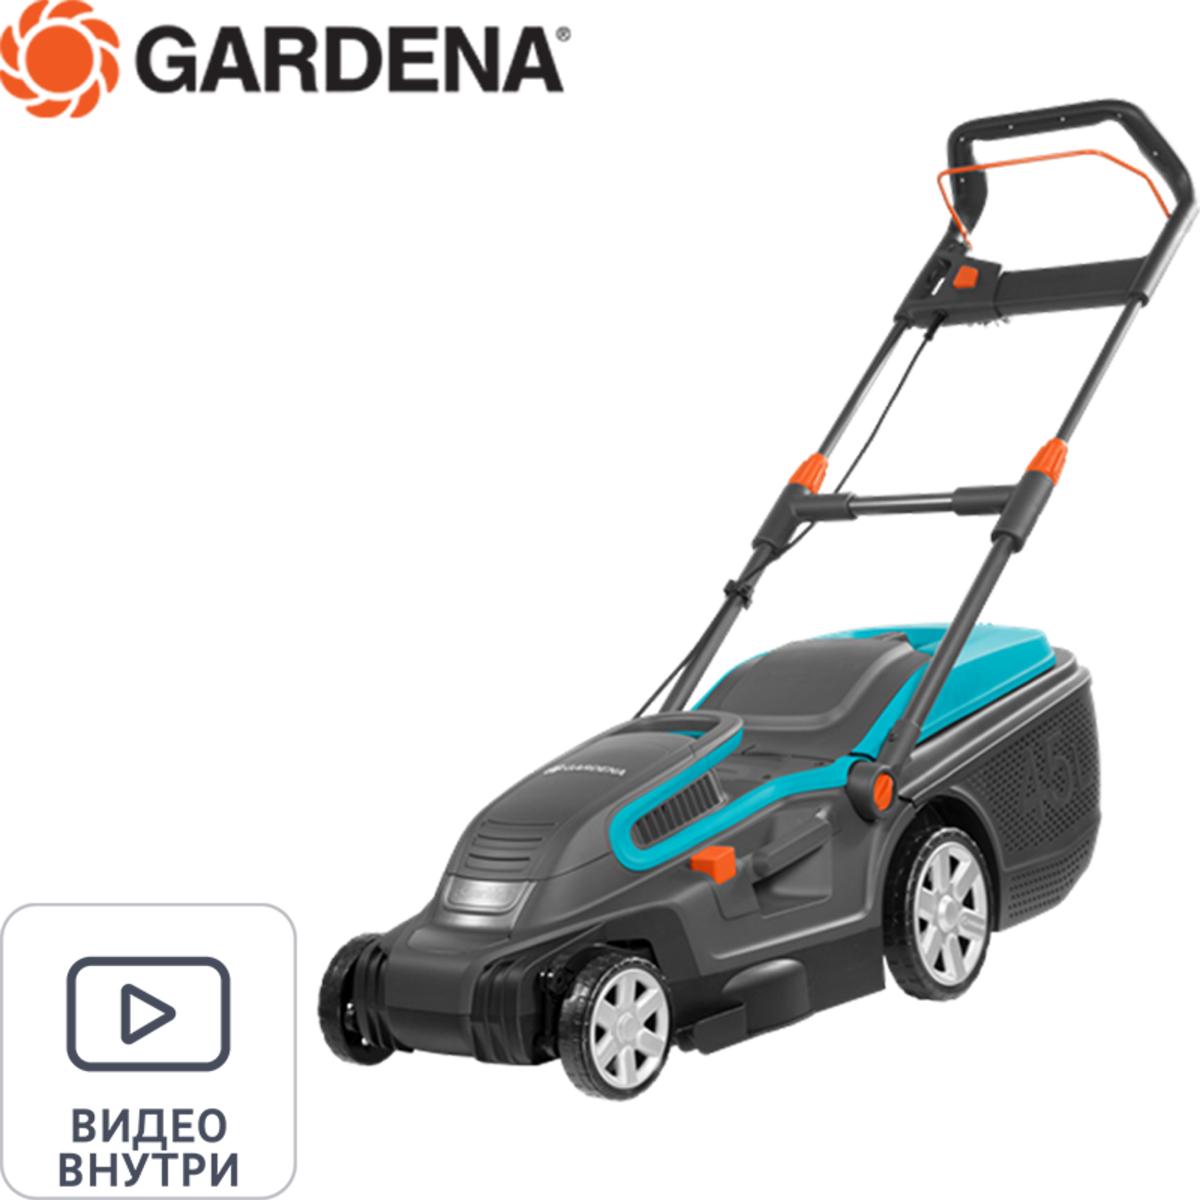 Газонокосилка электрическая Gardena PowerMax 1600/37 1600 Вт 37 см